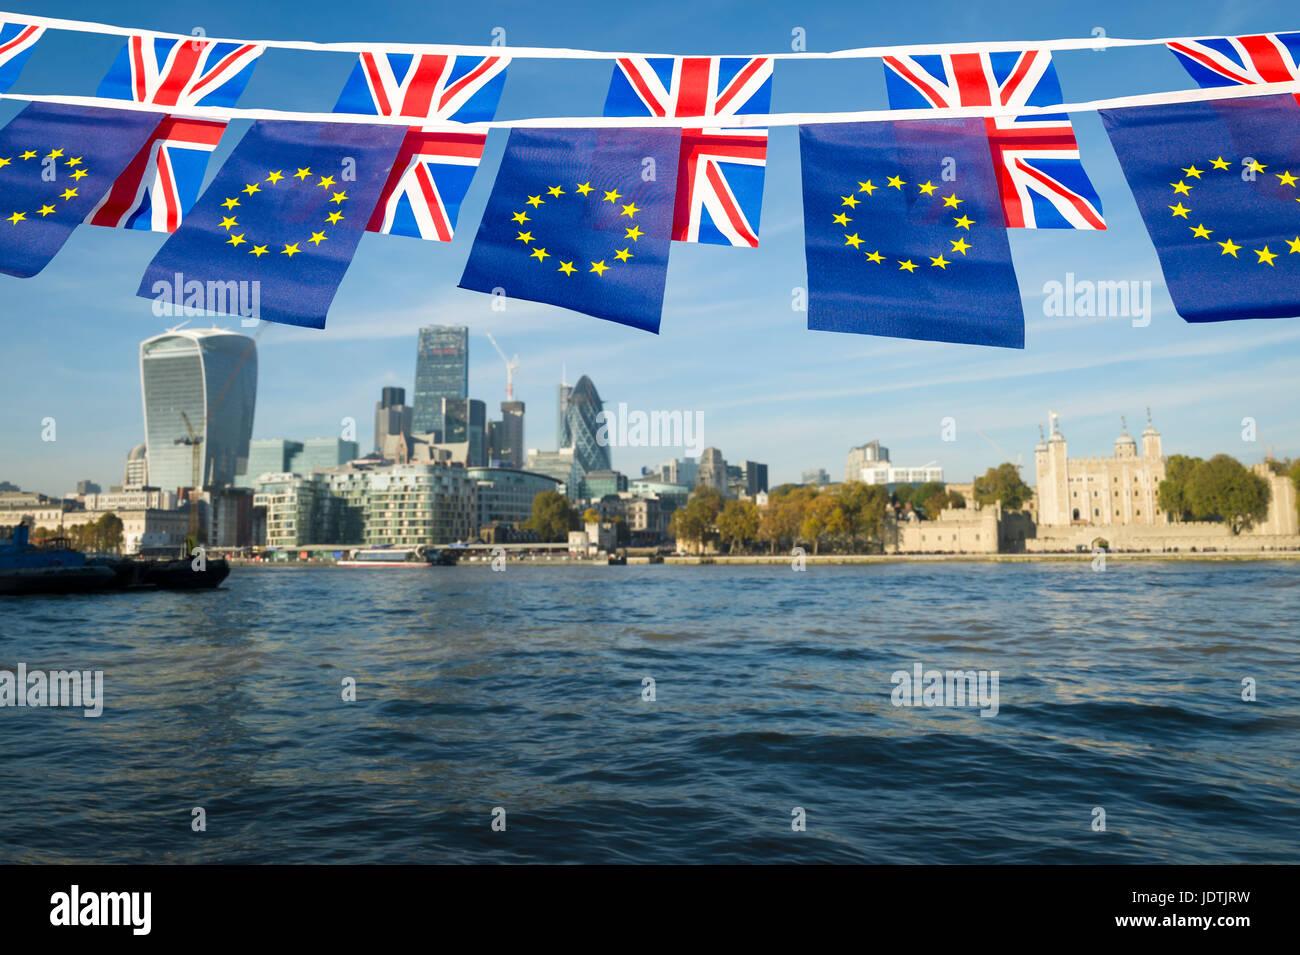 Ue e Regno Unito bunting bandiere di fronte alla città di Londra, Inghilterra skyline sul Fiume Tamigi Immagini Stock